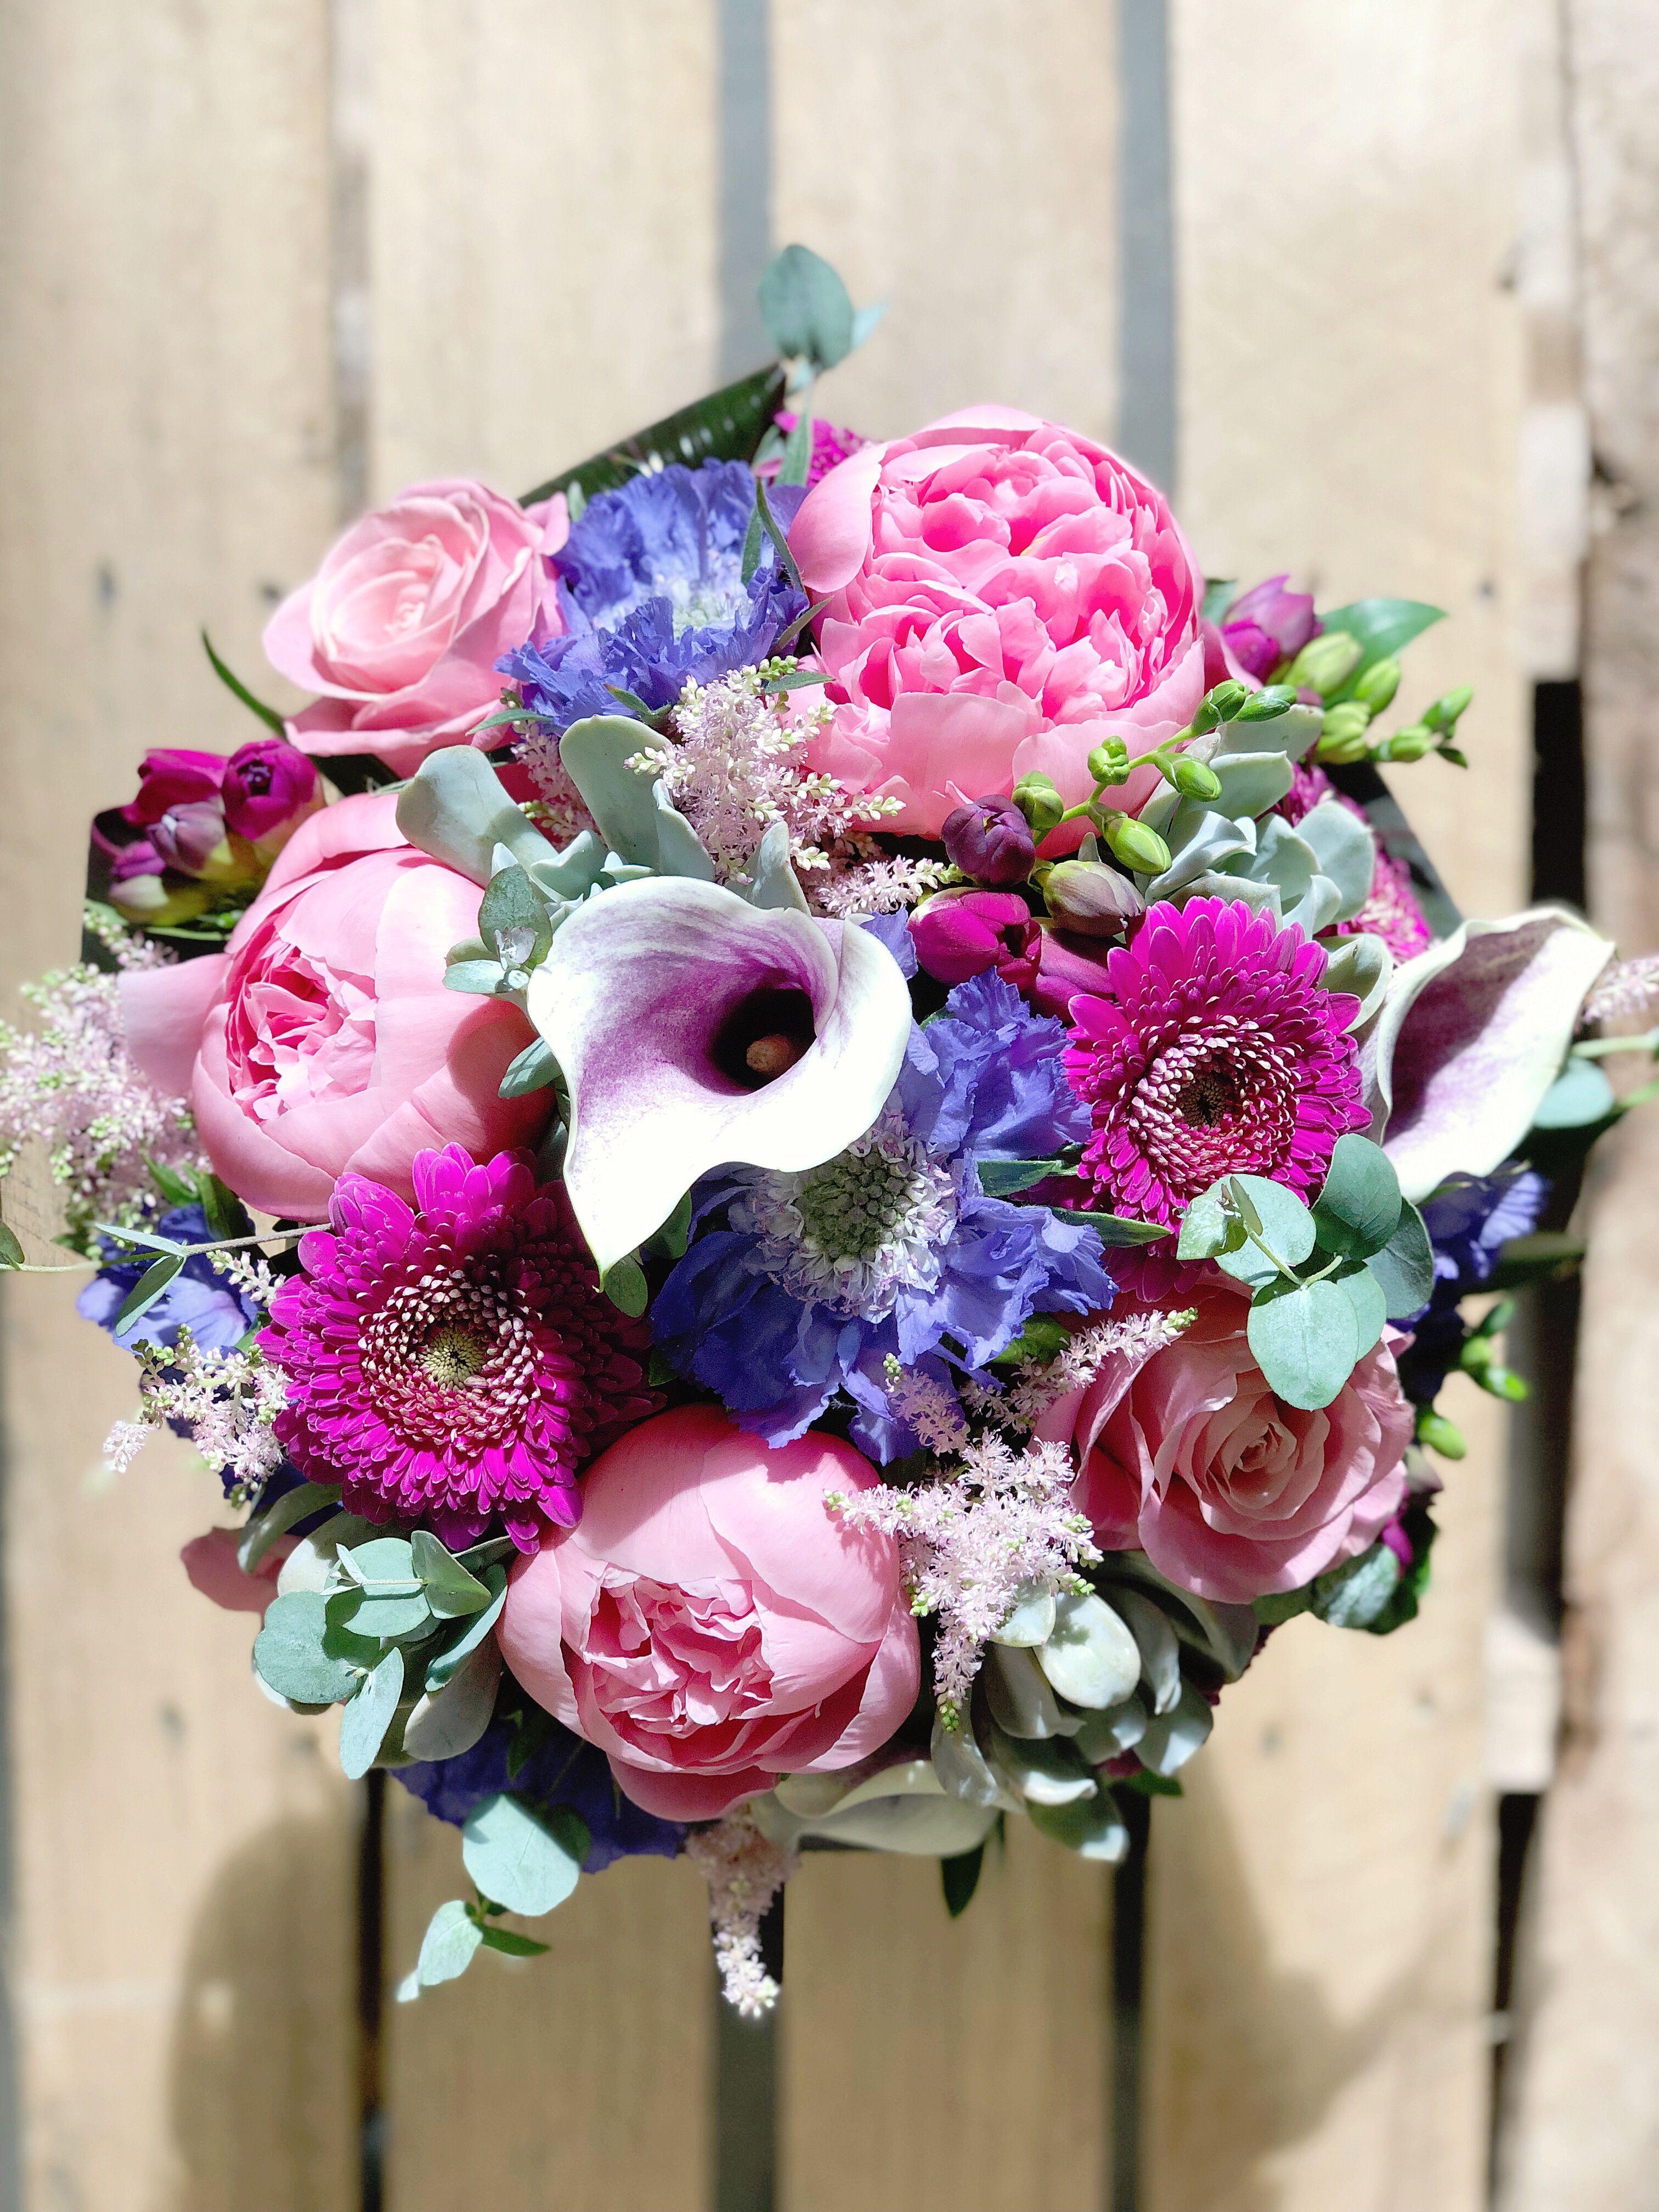 Pin By Art Knapp Kamloops On Floral Arrangements By Art Knapps Floral Wreath Floral Arrangements Floral